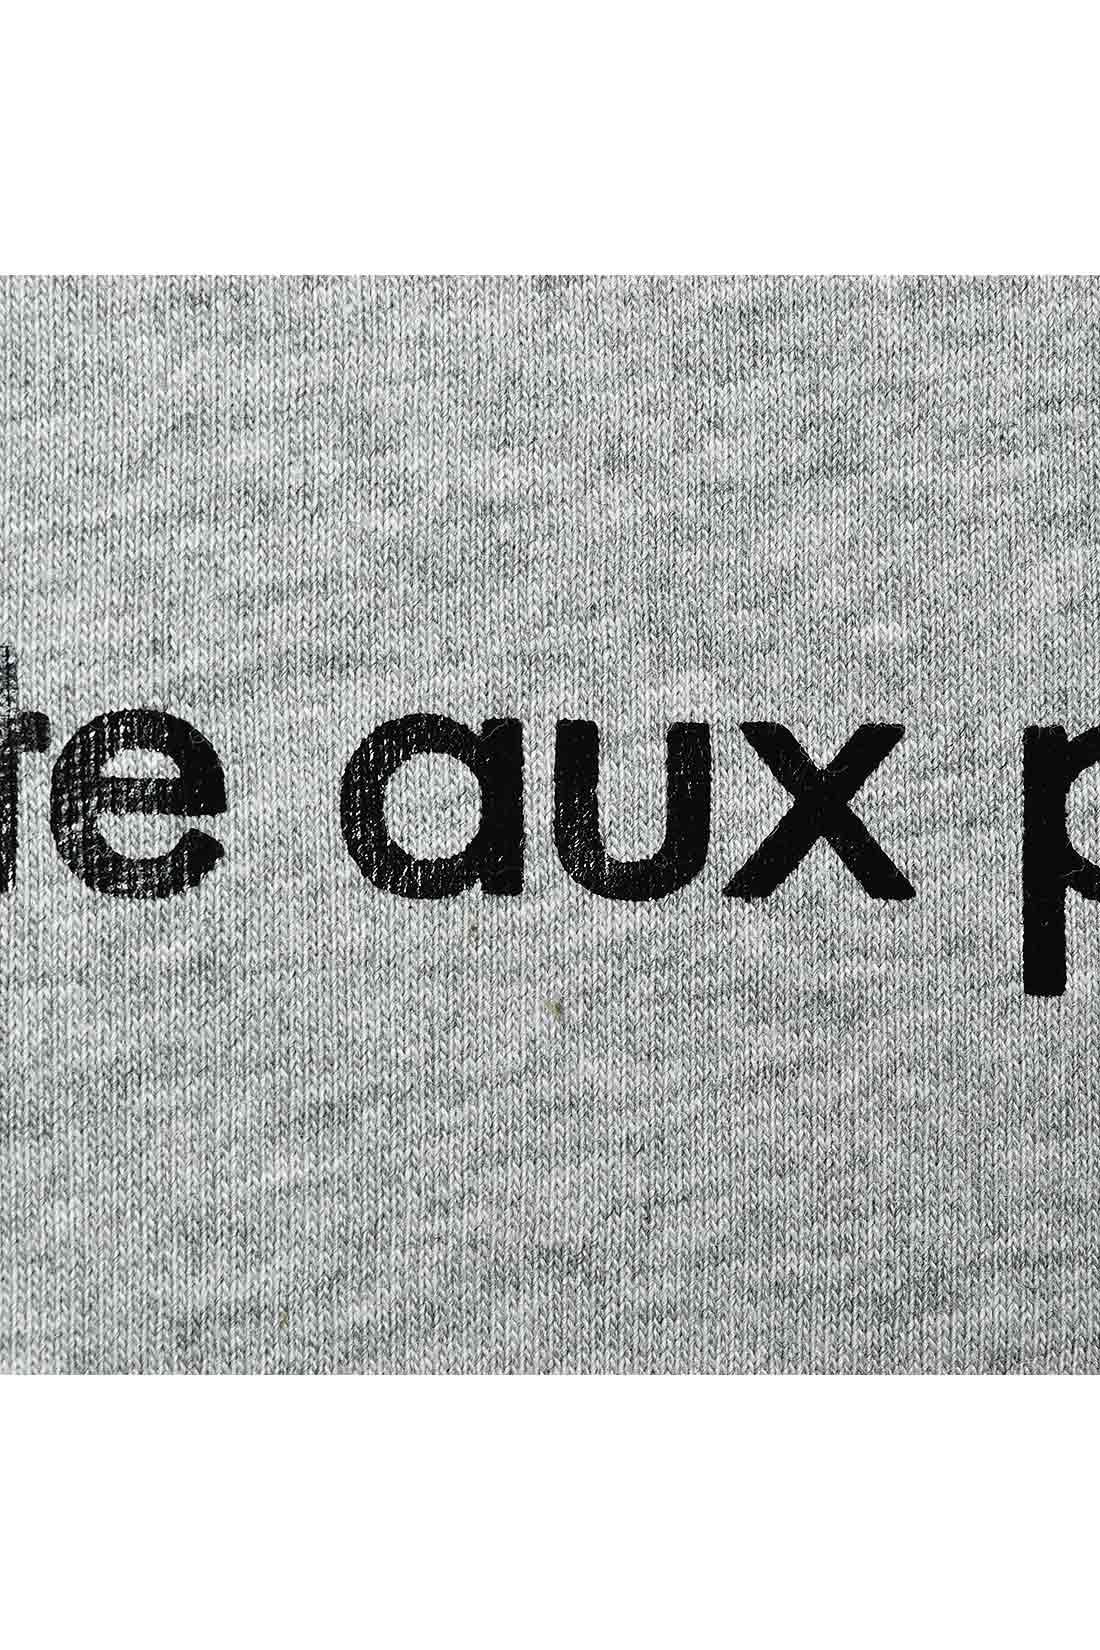 品よく映えるマットなロゴは、フランス語のお菓子のなまえ。